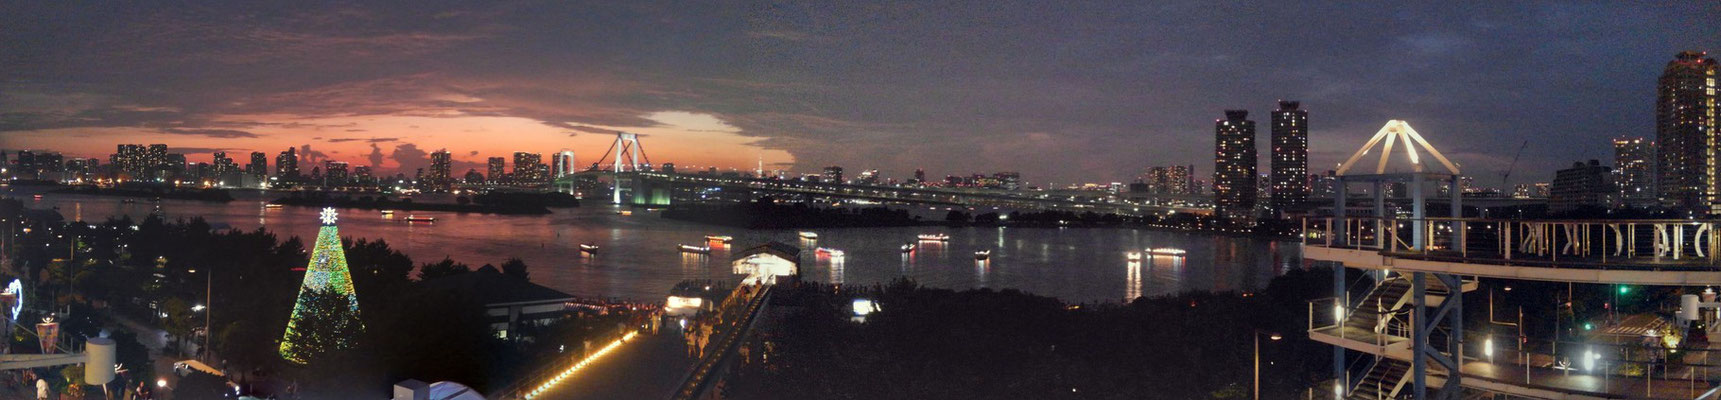 お台場デックスから撮影したレインボーブリッジ。夕焼けによって紅く染まった空が美しい。